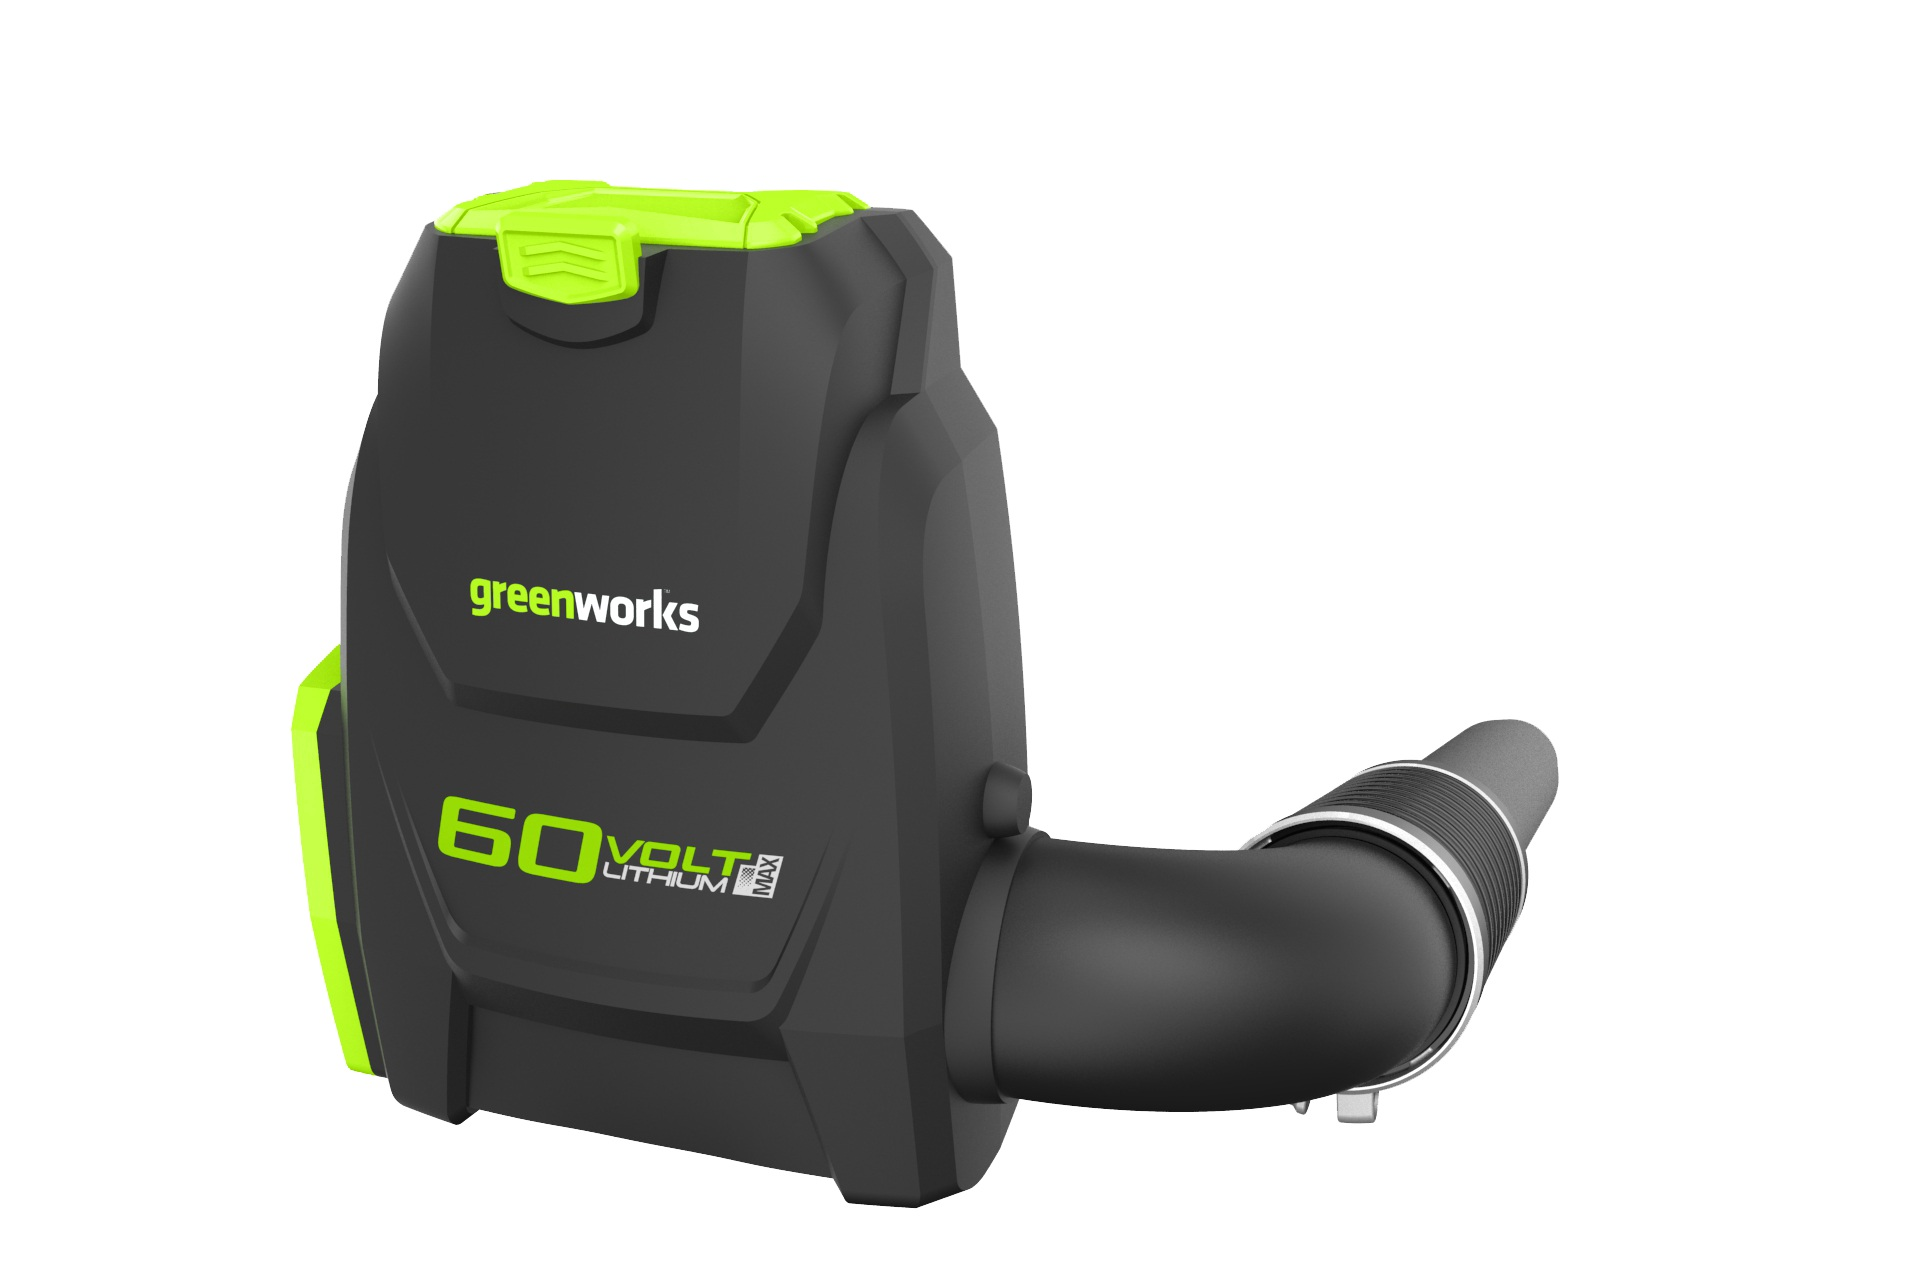 Greenworks GD60BLB